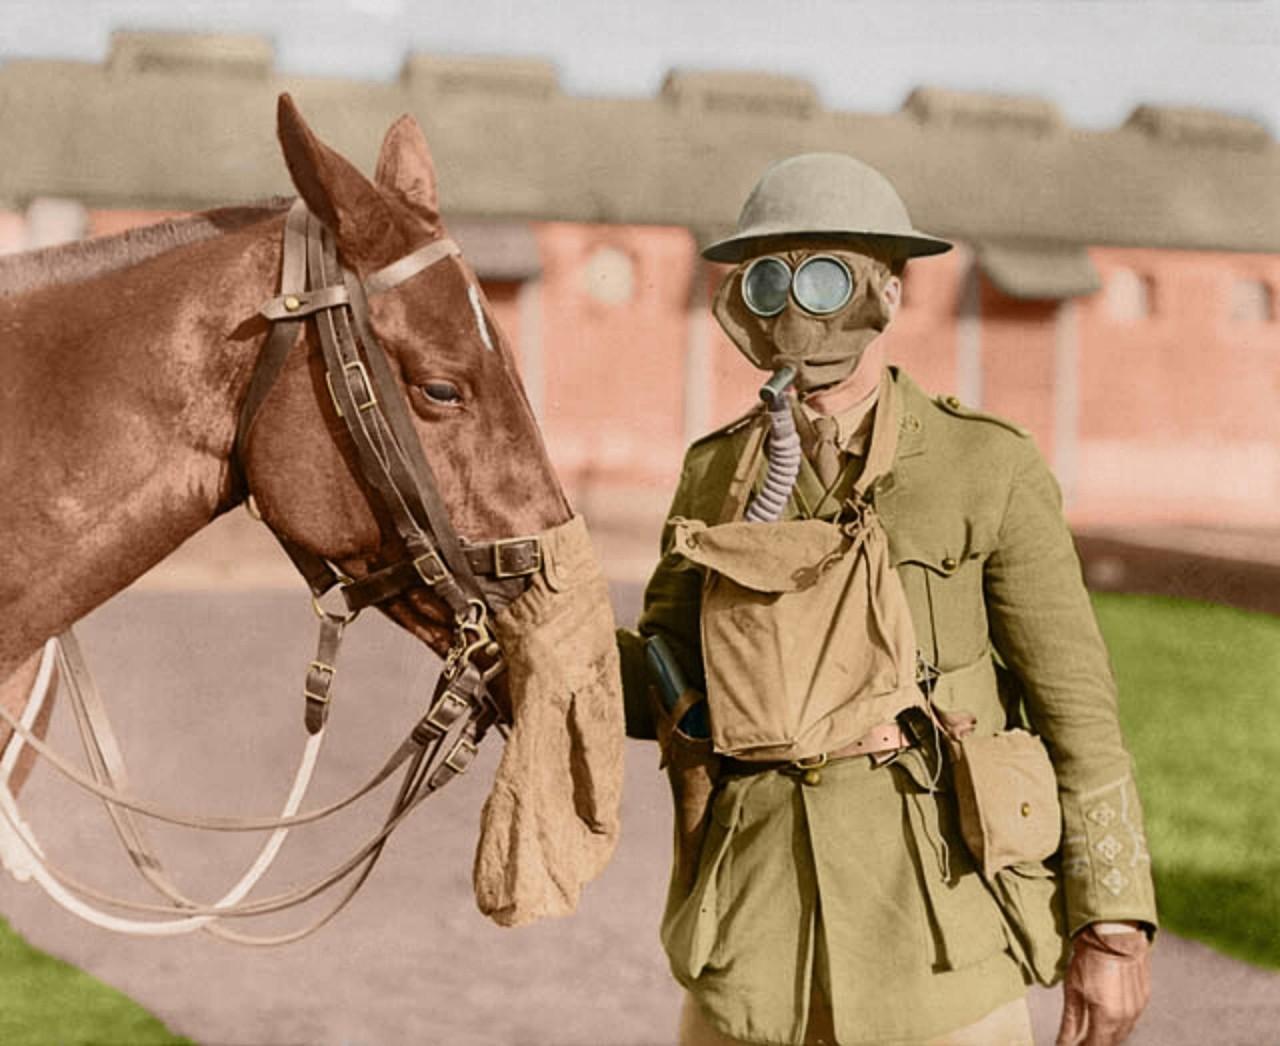 Солдат ветеринарного корпуса канадской армии и его конь в противогазах архивное фото, колоризация, колоризация фотографий, колоризированные снимки, первая мировая, первая мировая война, фото войны